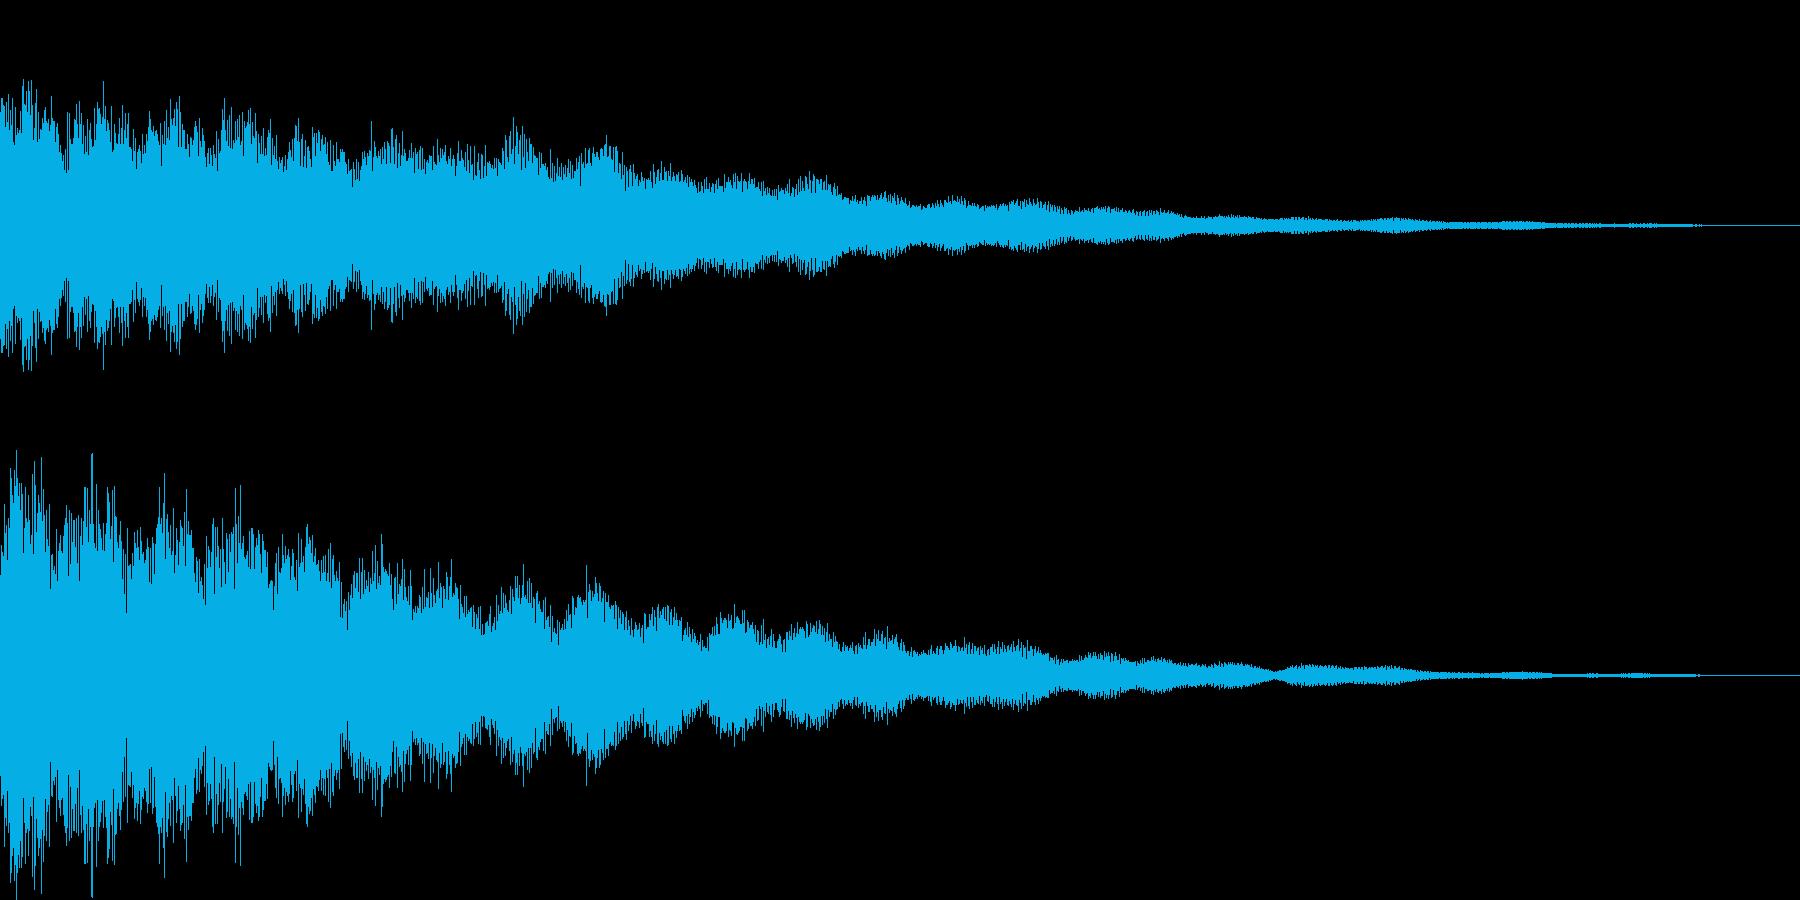 【ゲーム用SE】キーン(金属音)の再生済みの波形